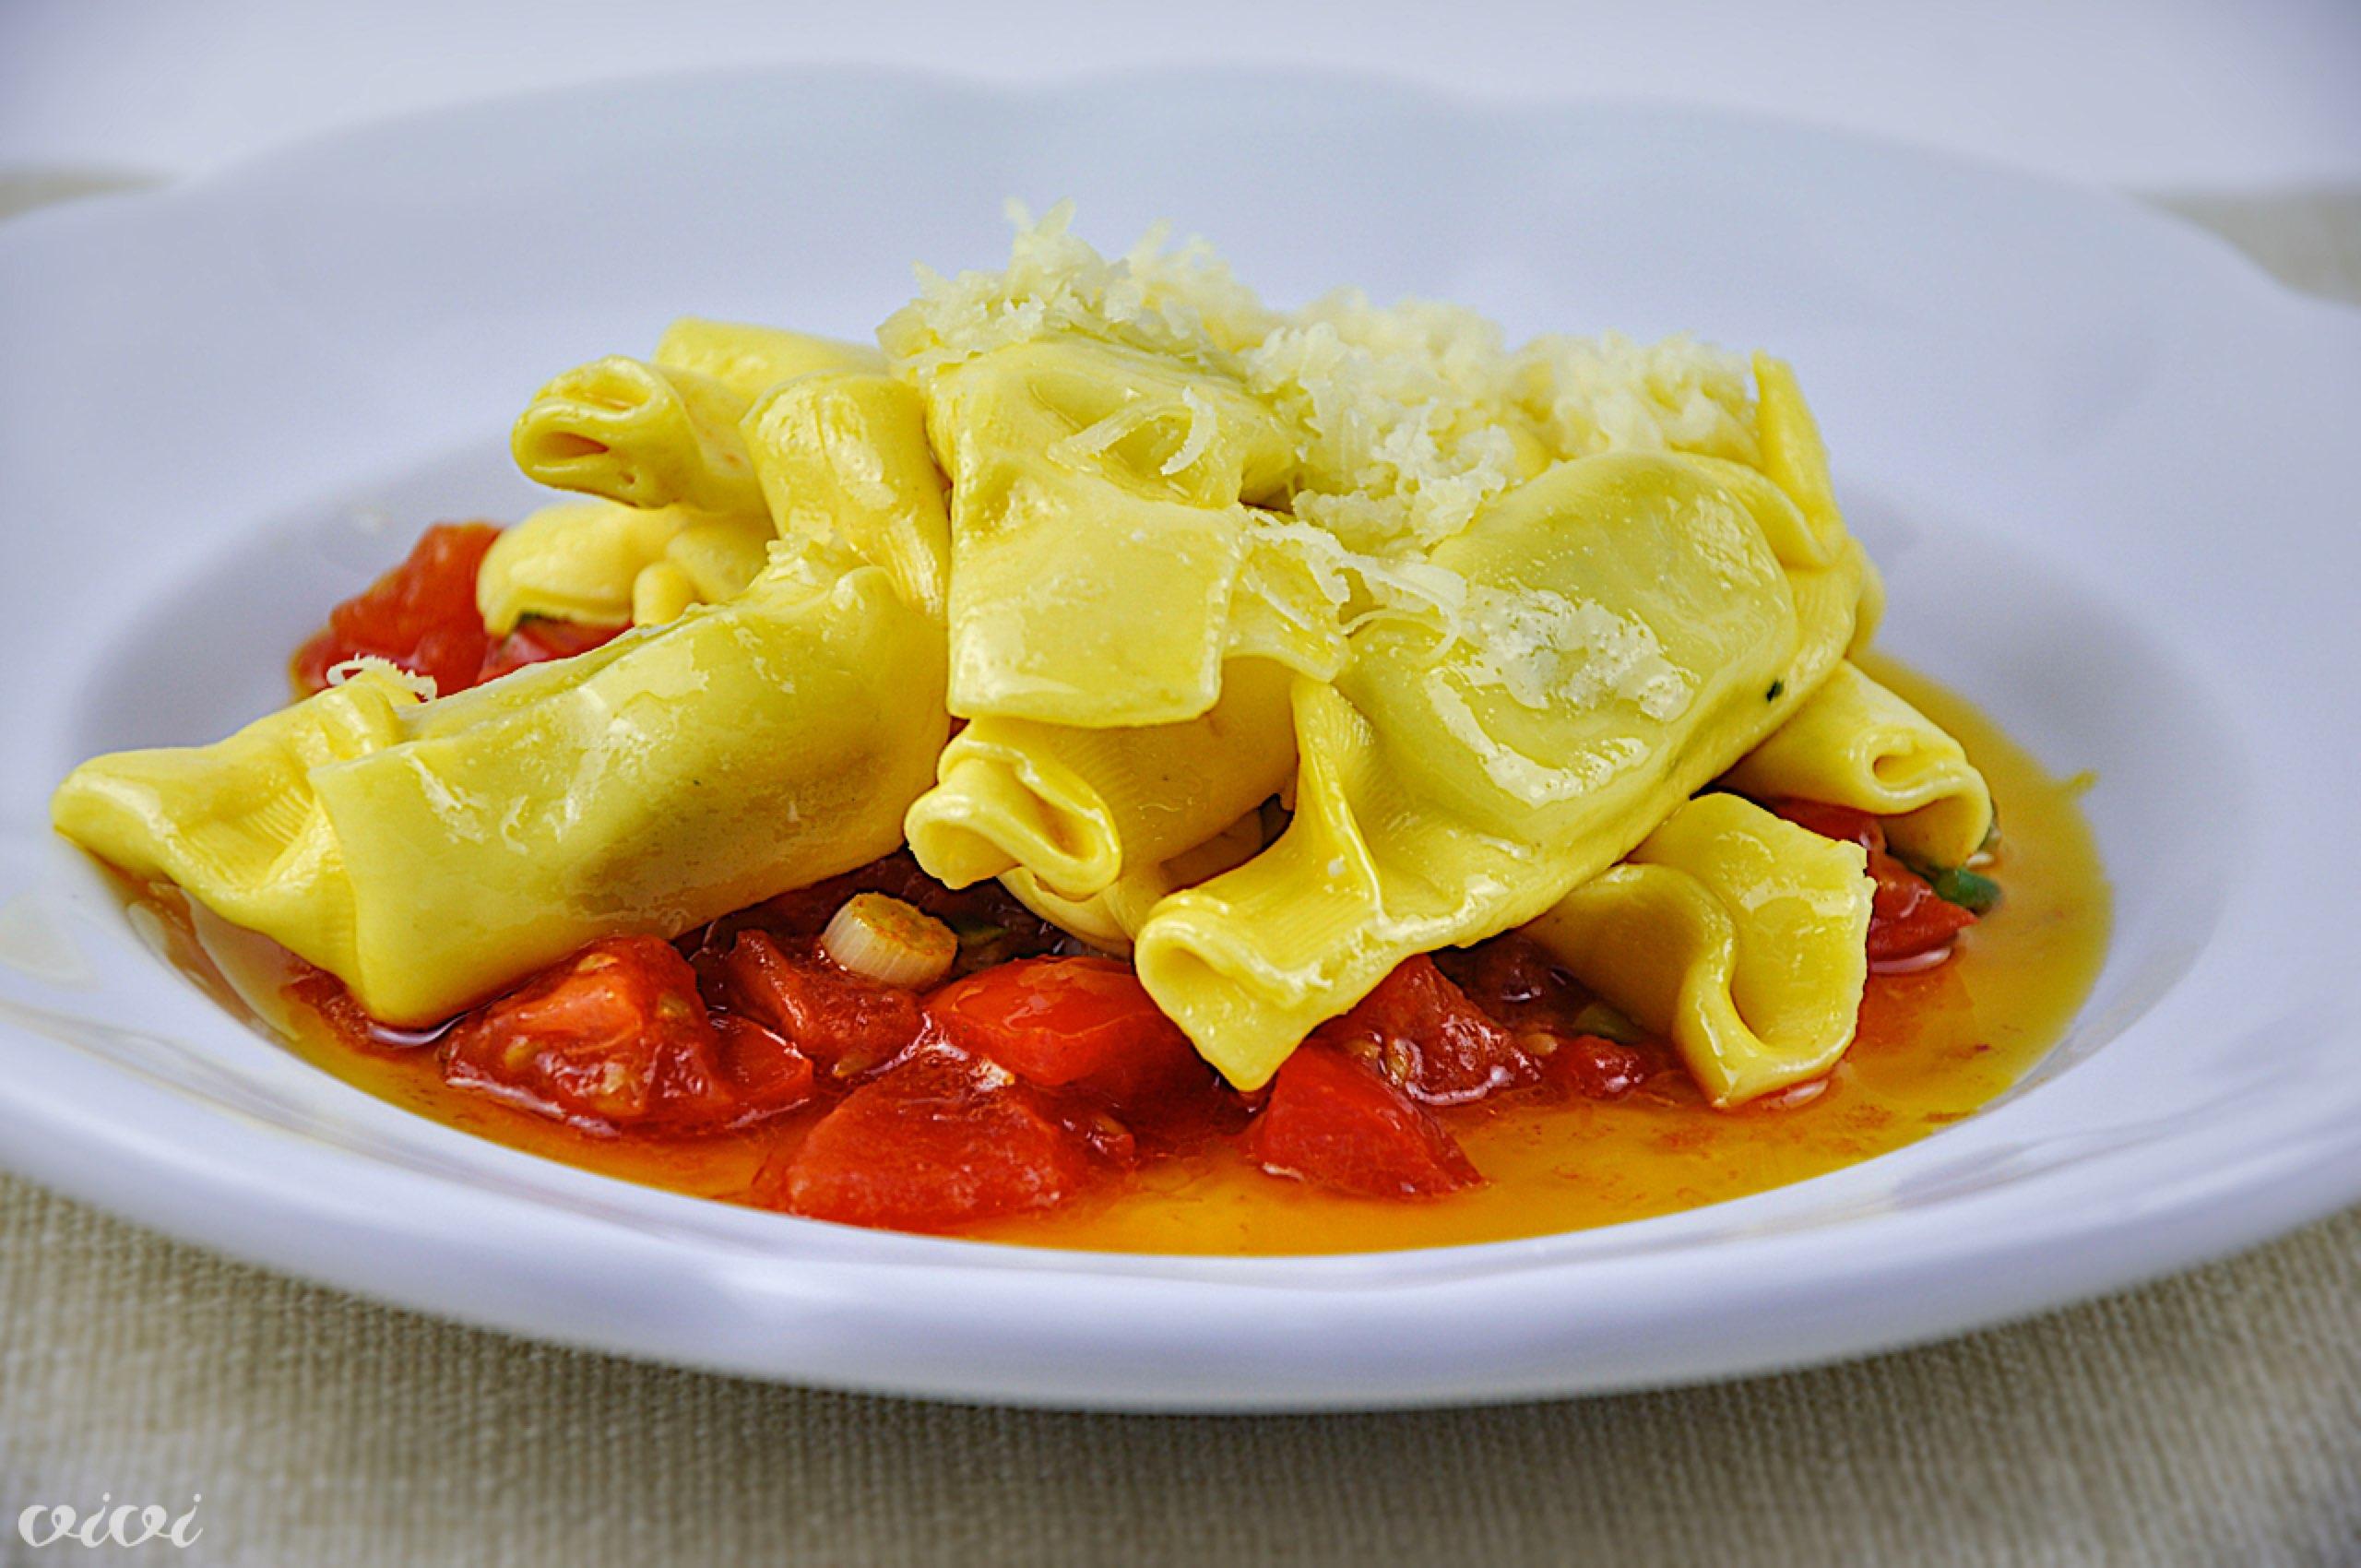 kupljena pasta s hitro paradiznikovo omako